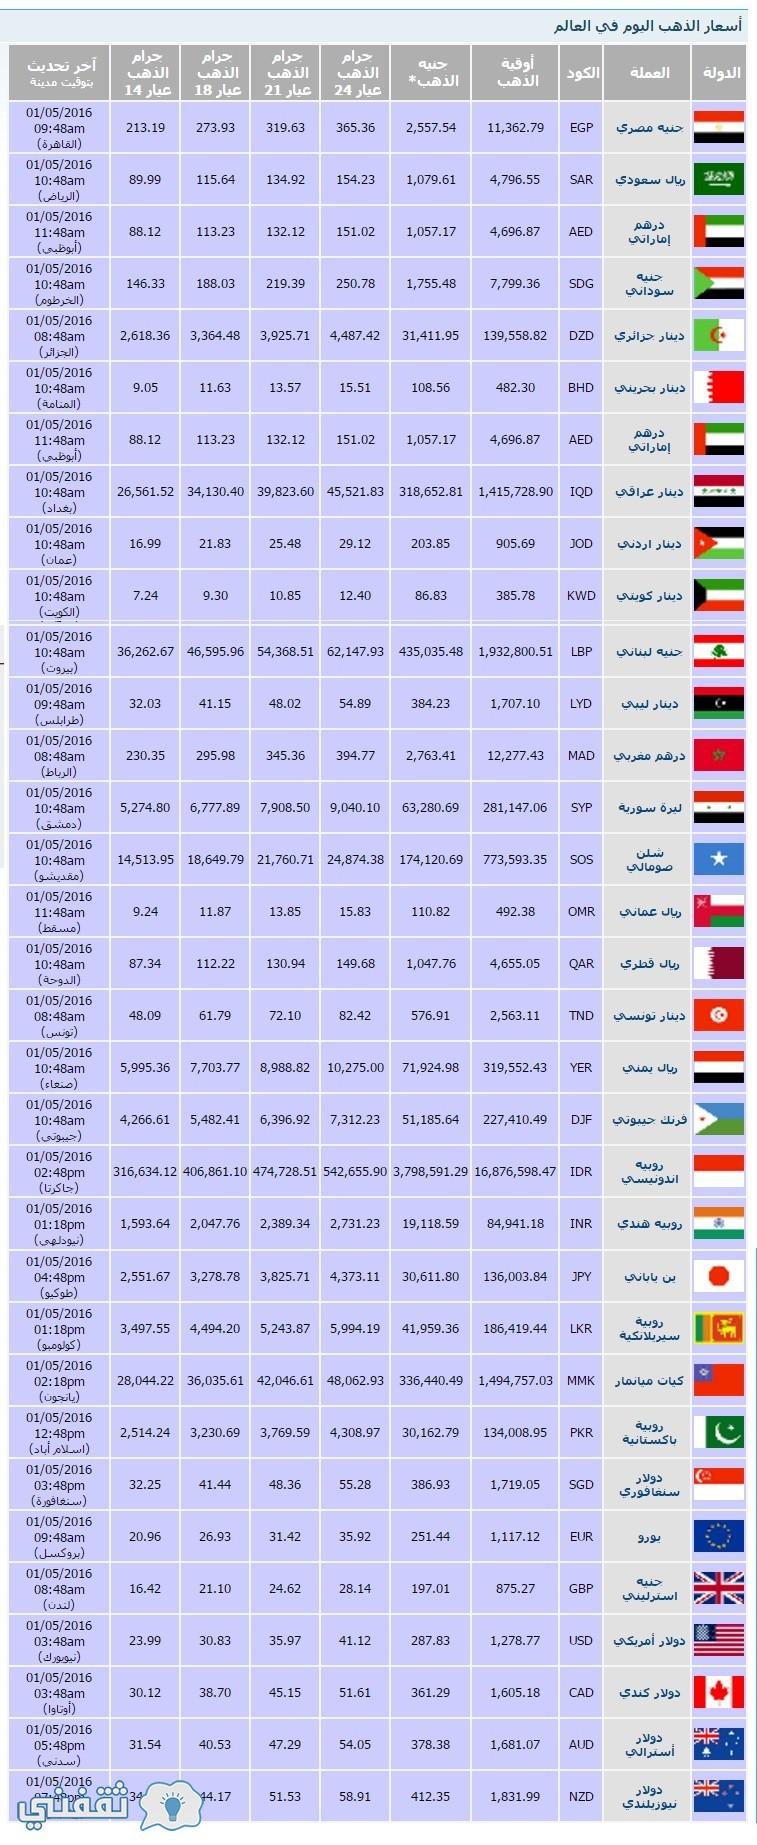 أسعار الذهب اليوم في العالم